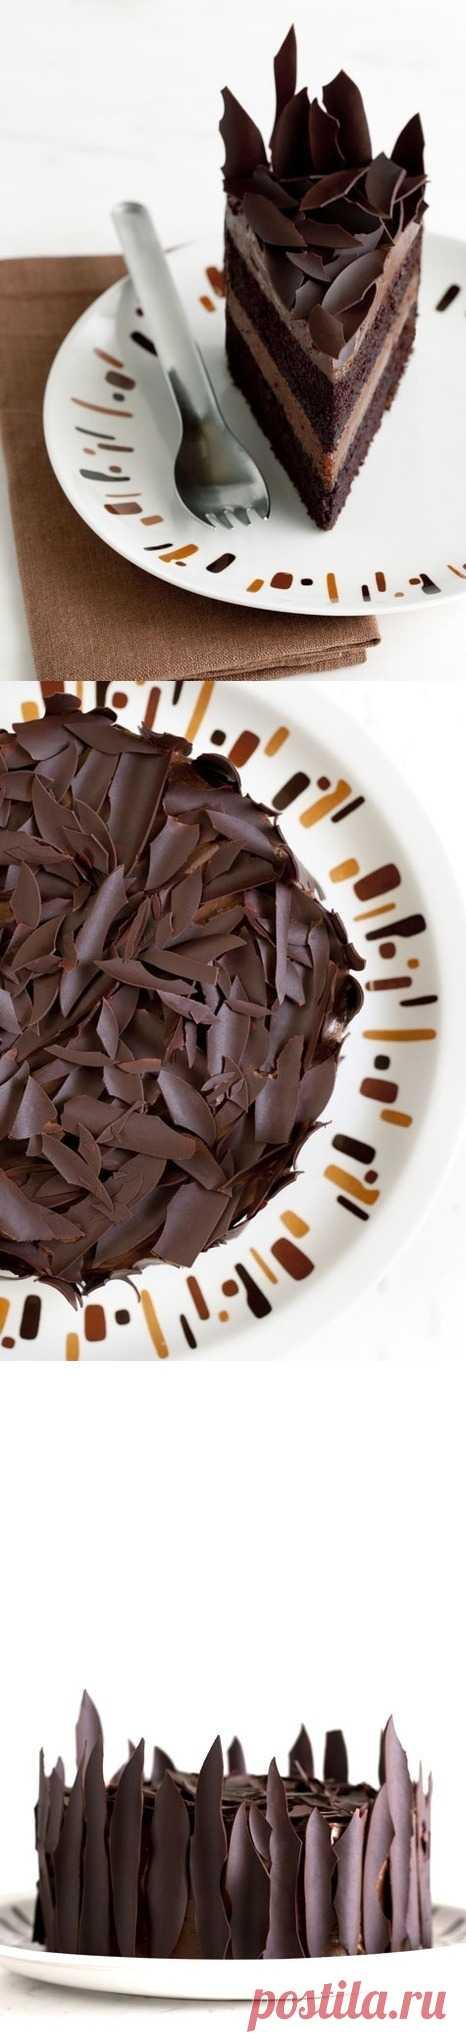 """Оформление торта """"Шоколадные осколки"""". (Описание по клику на картинку)."""